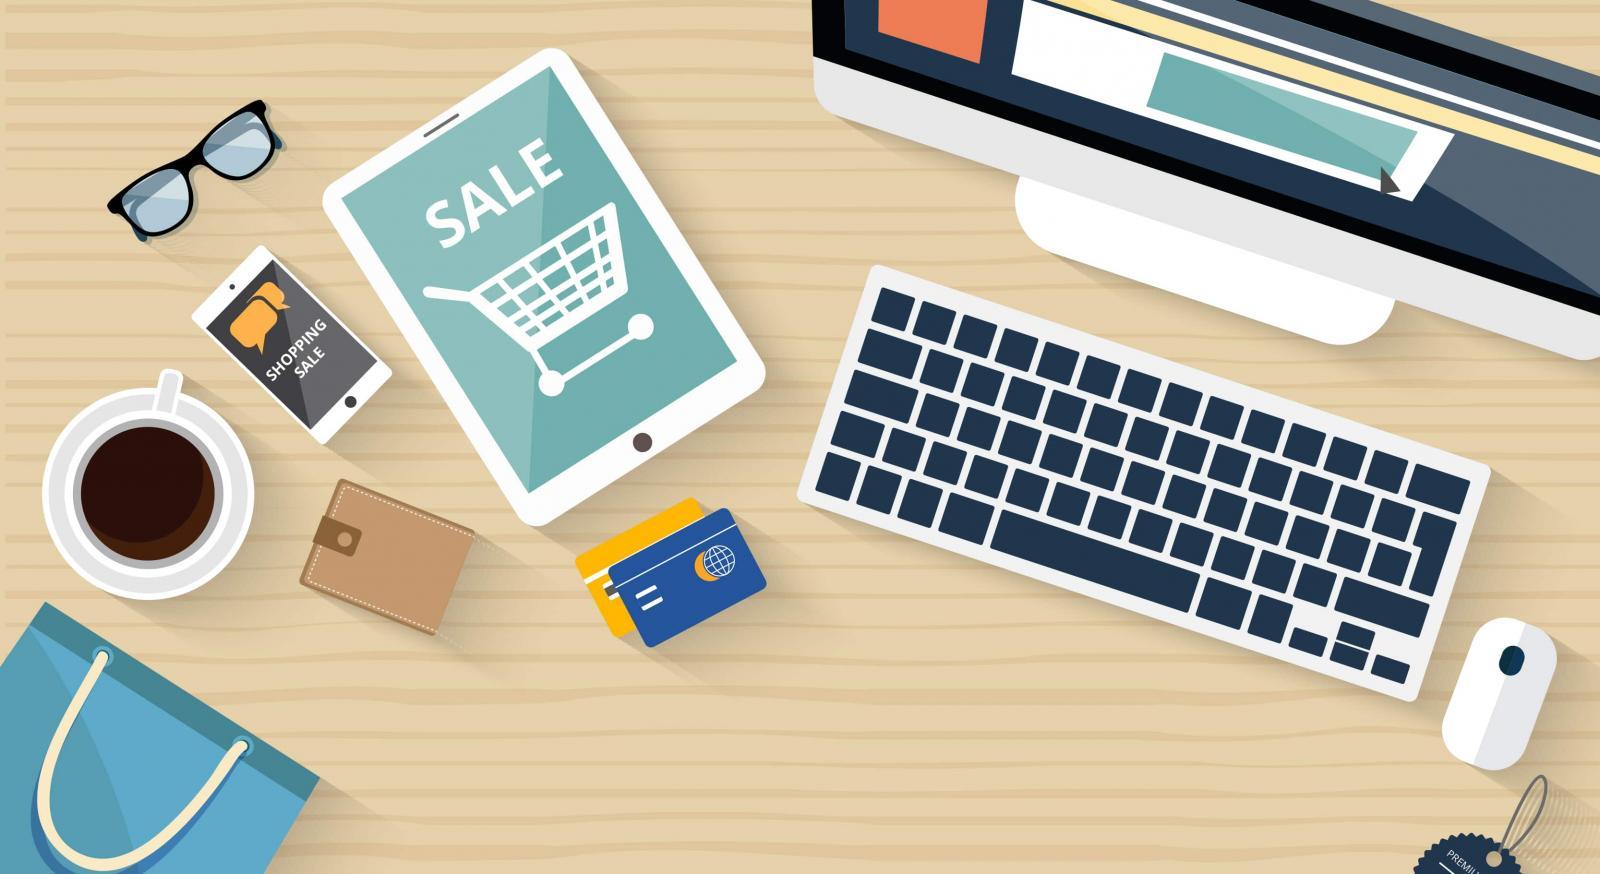 Sale online là gì? Những bật mí về công việc Sale online.